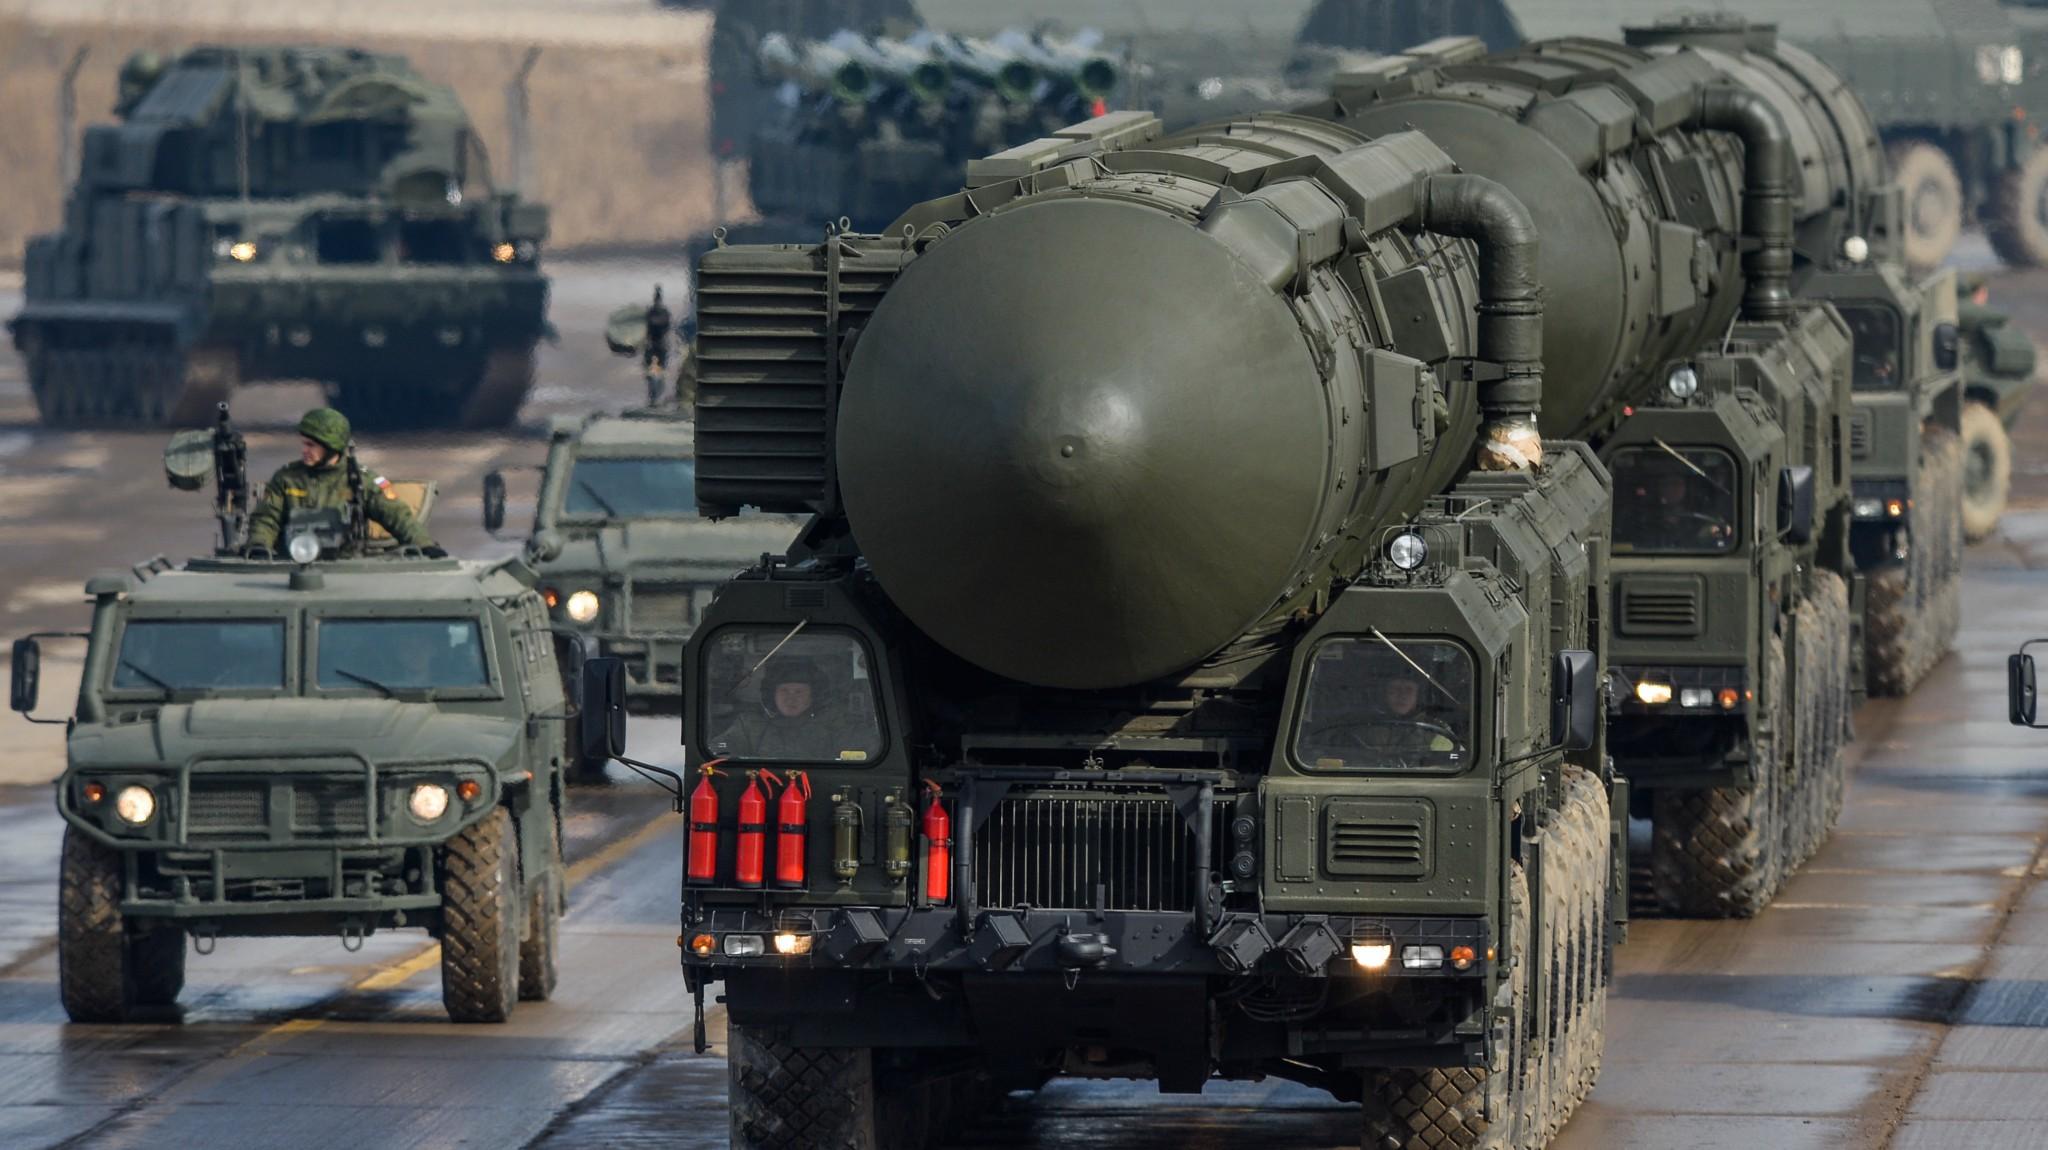 Картинка ракетных войск, открытки для банка